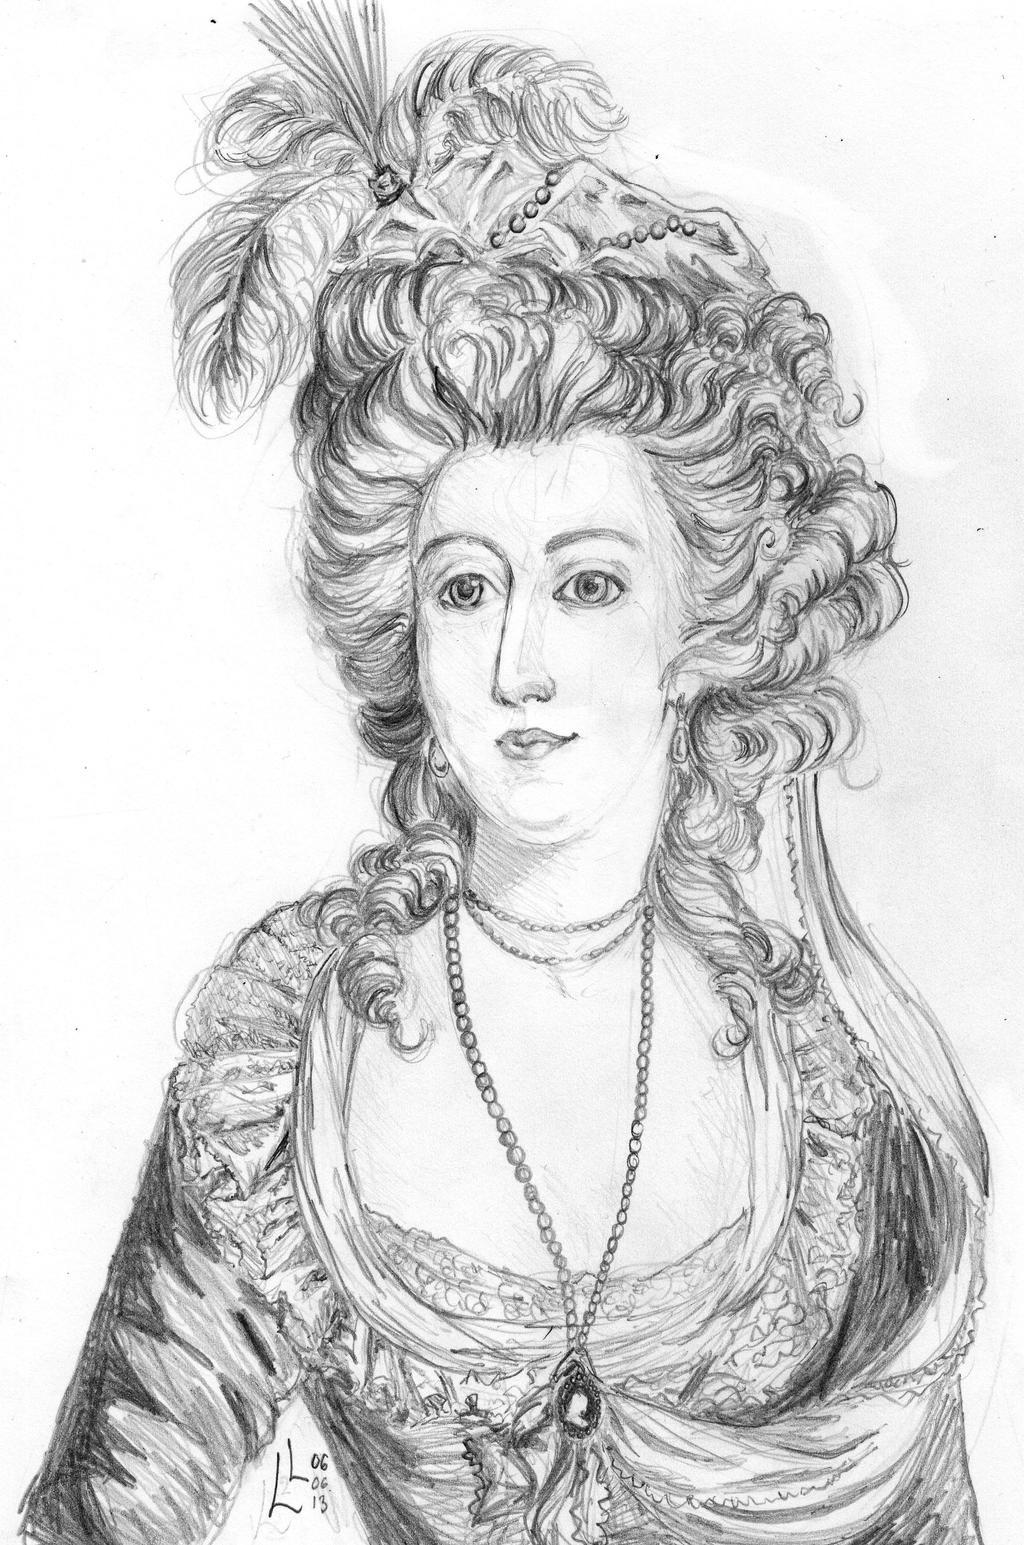 Marie-Antoinette d'Autriche by LyrykenLied